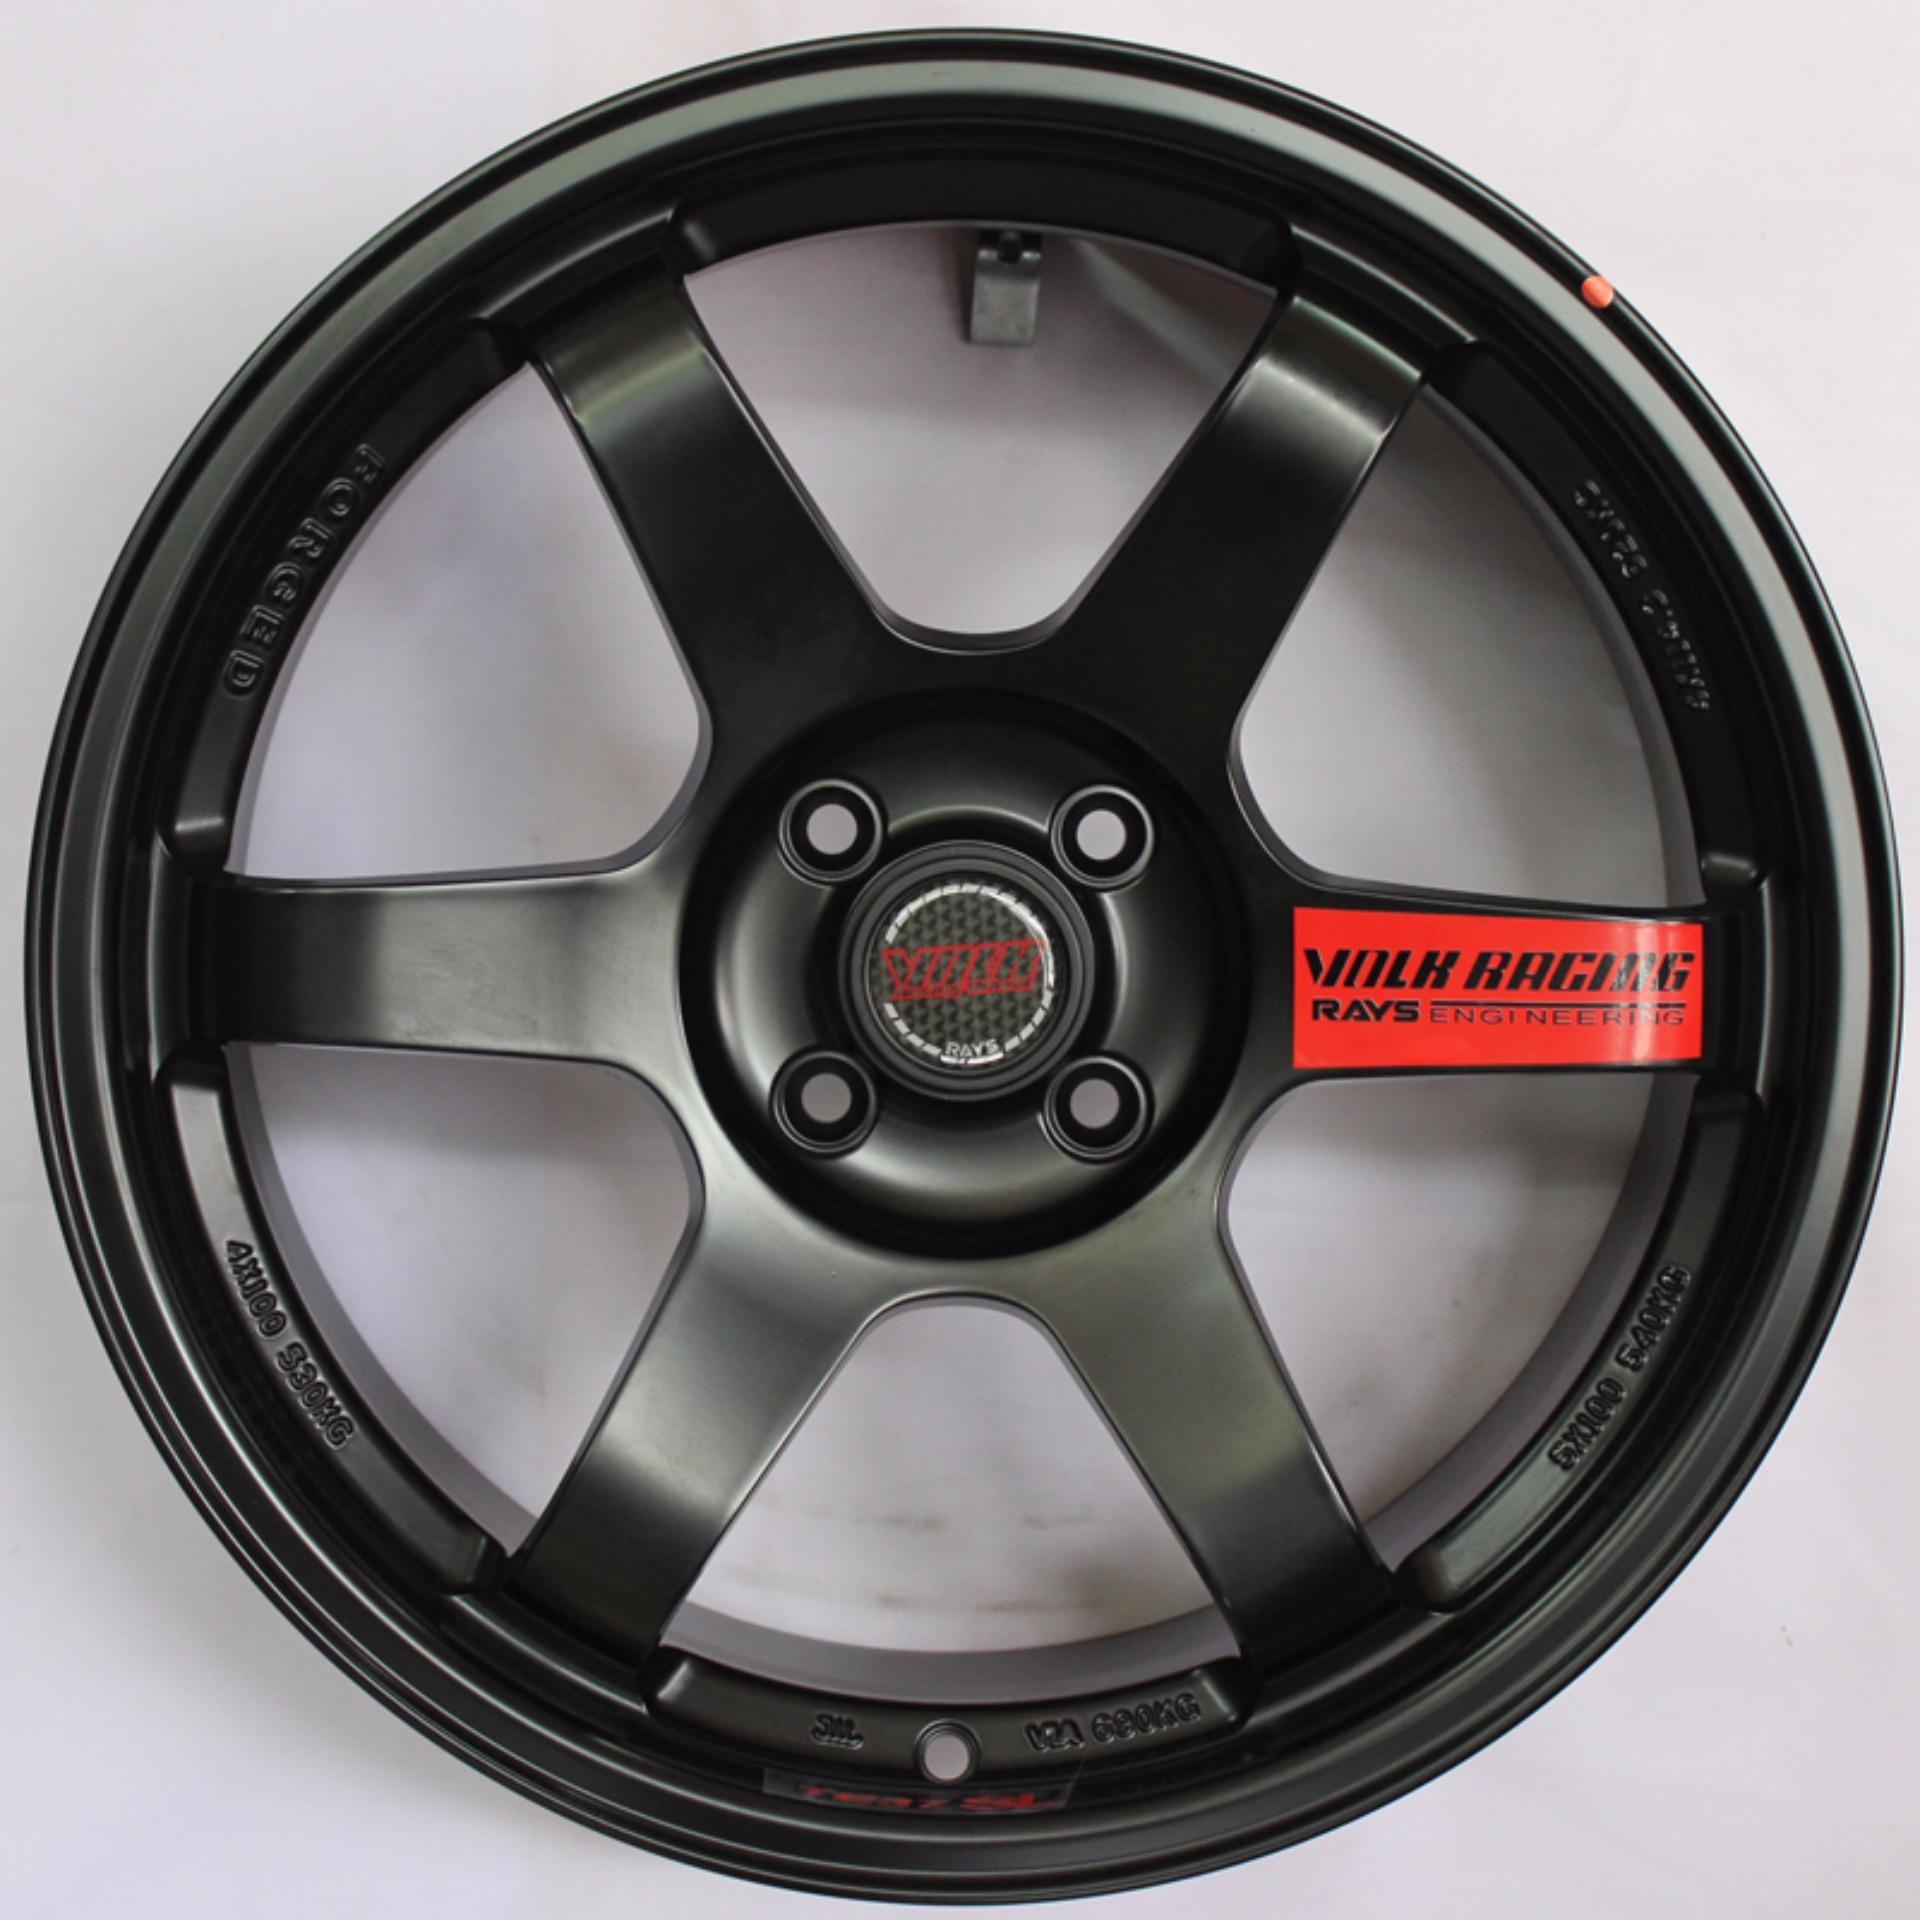 Bridgestone Ecopia Ep150 175 65r14 Ban Mobil Gratis Pasang Daftar Gt Champiro Eco Vocer Velg Rays Te 37 Ring 17 Di Tempat